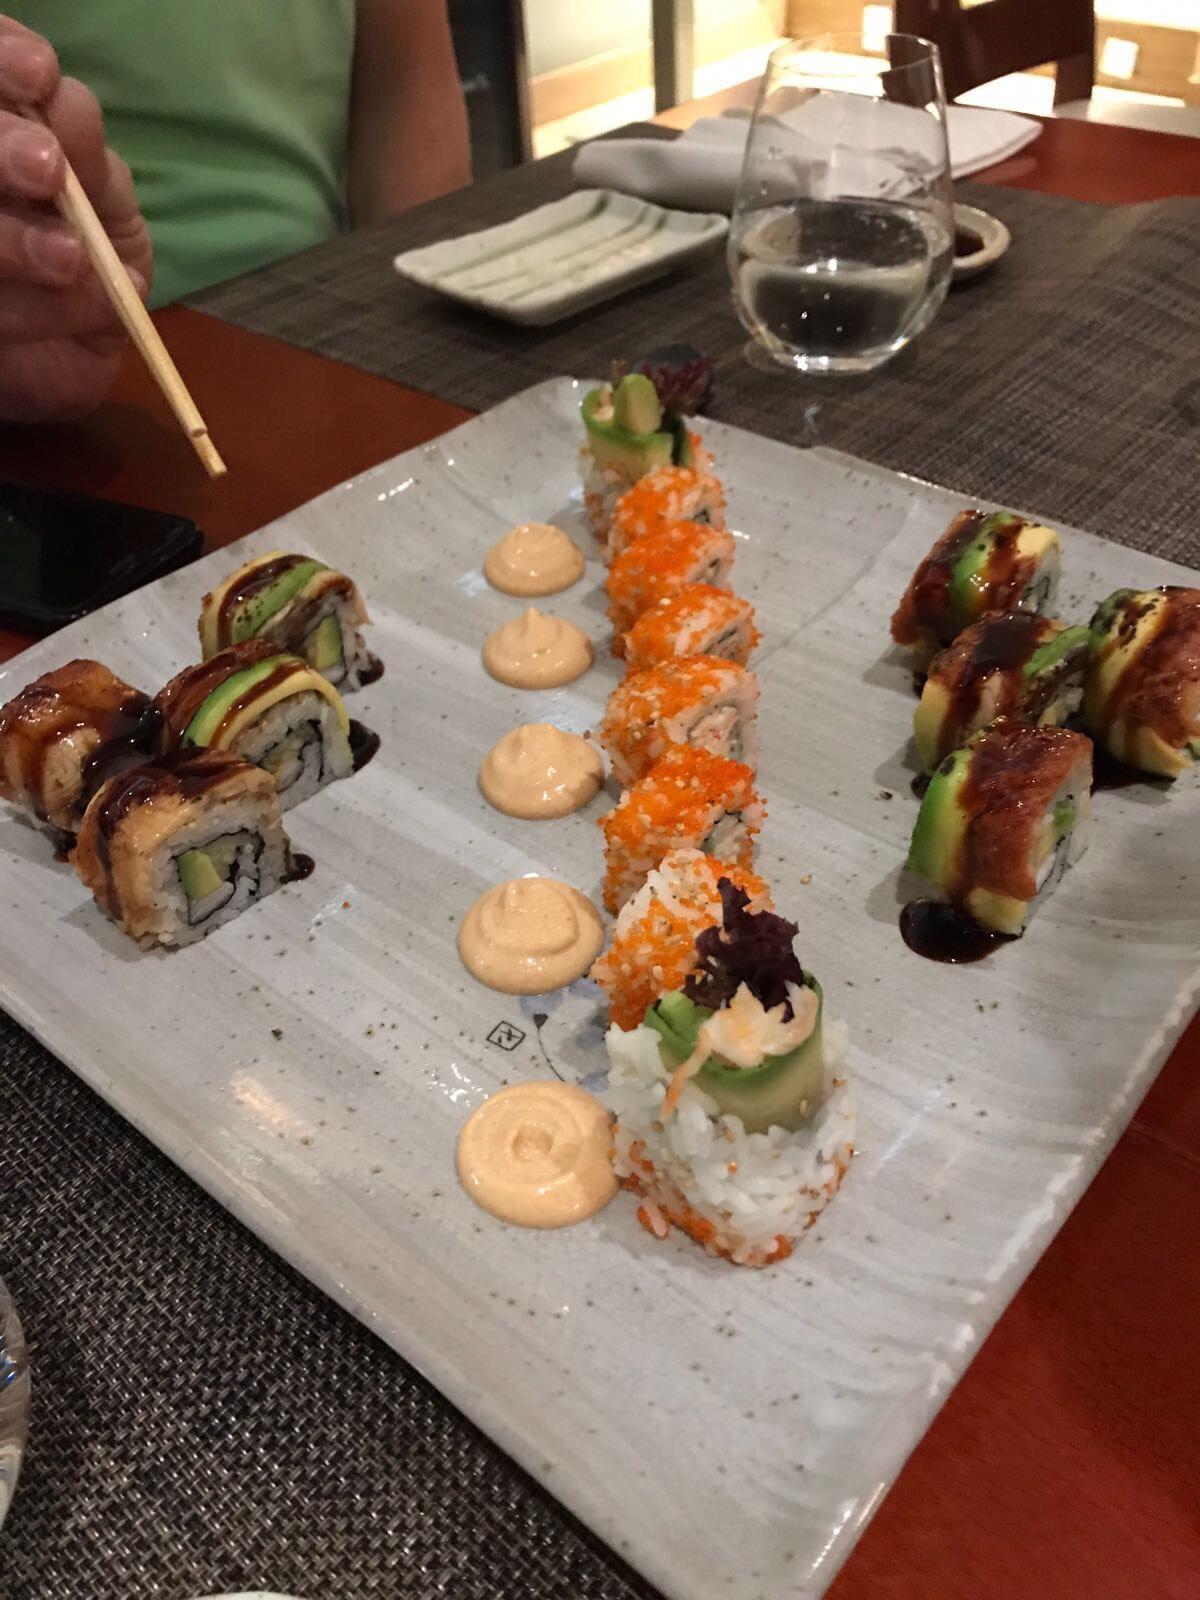 El sushi del japo 'Miyama', una necesidad. Foto: Úrsula Corberó.